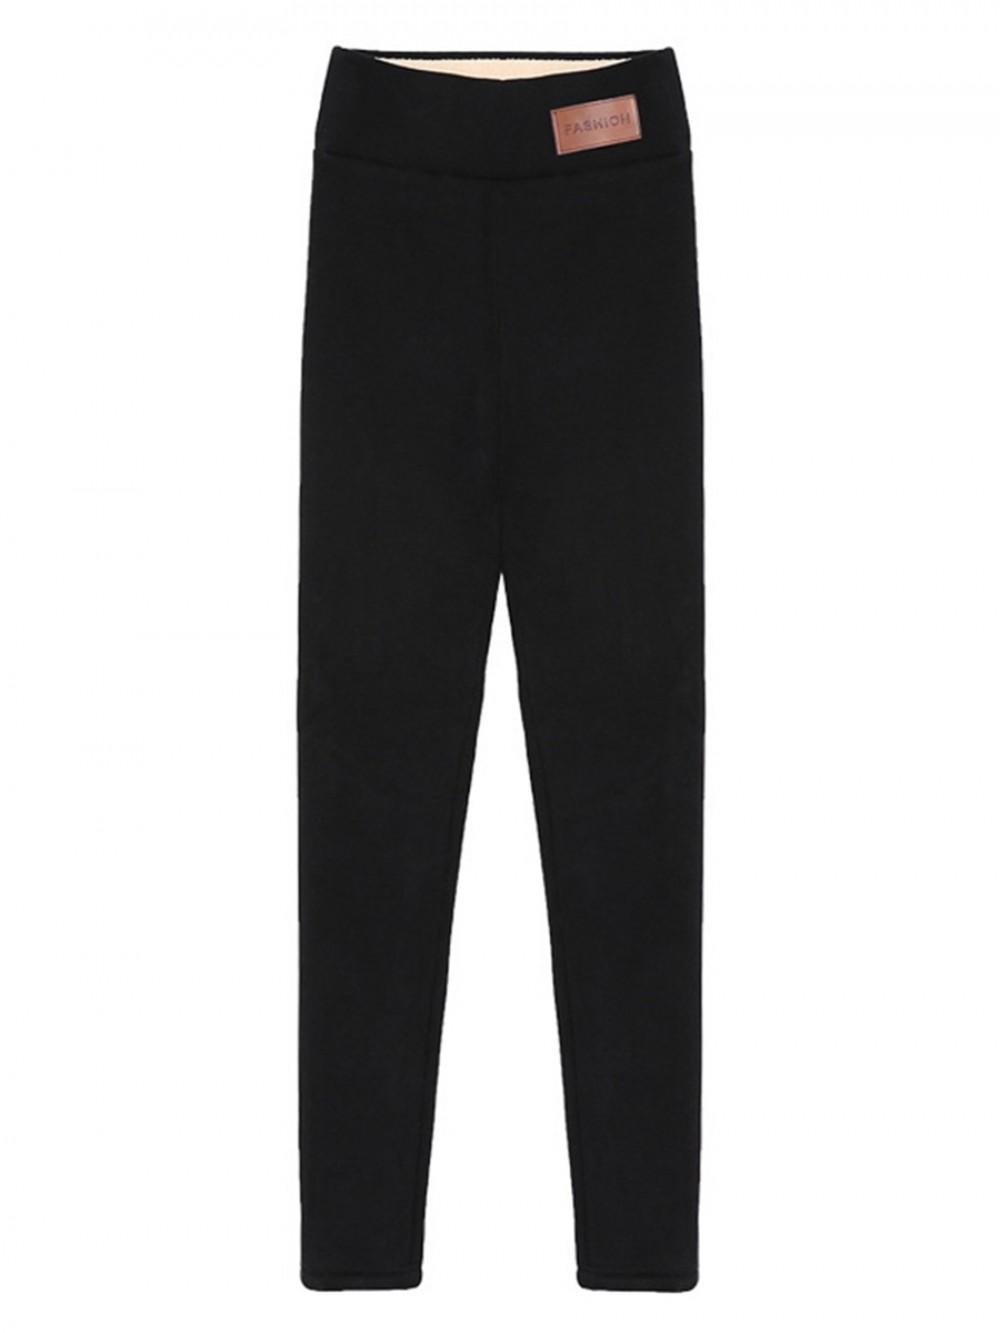 Black Fleece Lined Leggings High Waist Full Length